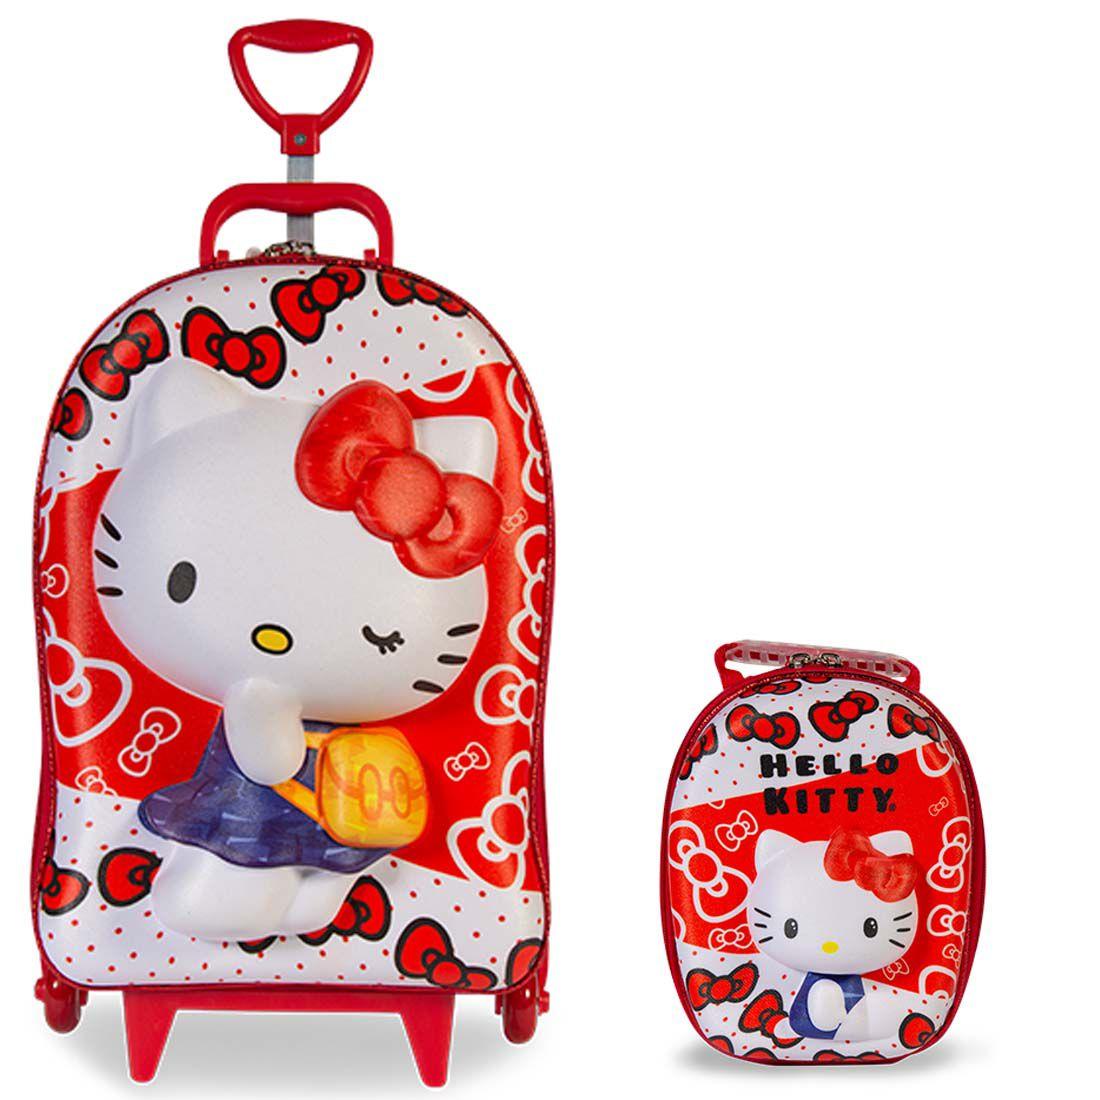 Mochila 3D com Rodinhas e Lancheira Hello Kitty Red  2823BM19 Lançamento